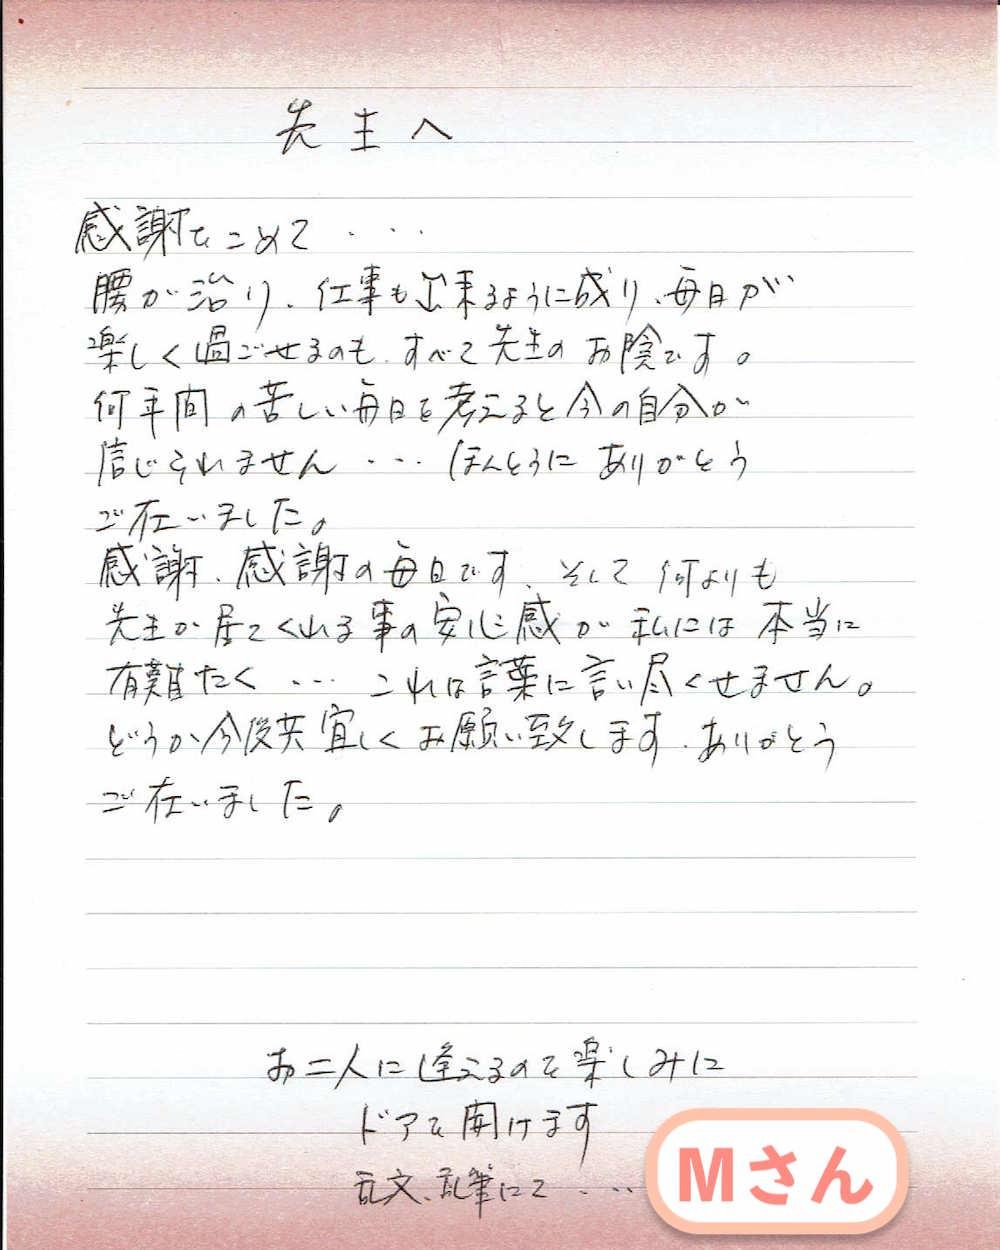 腰痛で悩んでいたMさんからの感謝の手紙